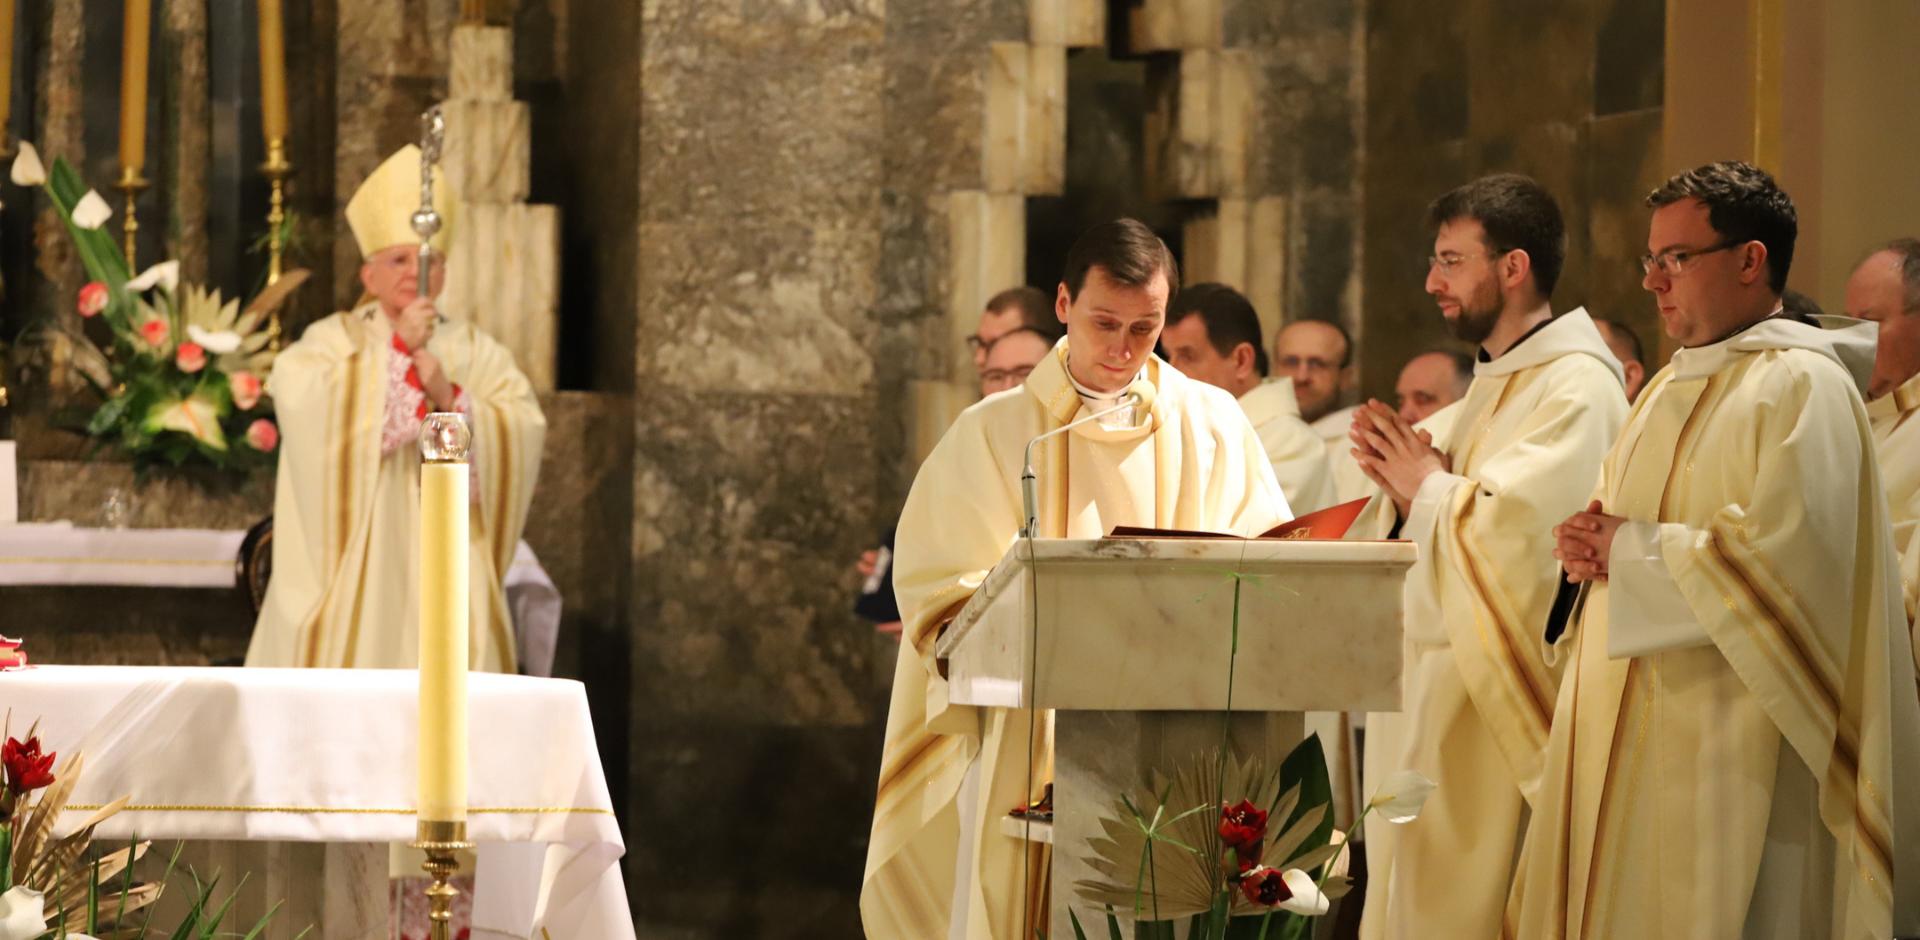 Abp Marek Jędraszewski podczas ustanowienia sanktuarium św. Józefa, Obrońcy Miasta Krakowa: Konieczny jest głęboki namysł nad tym, co naprawdę i w sposób najbardziej istotny to miasto stanowi